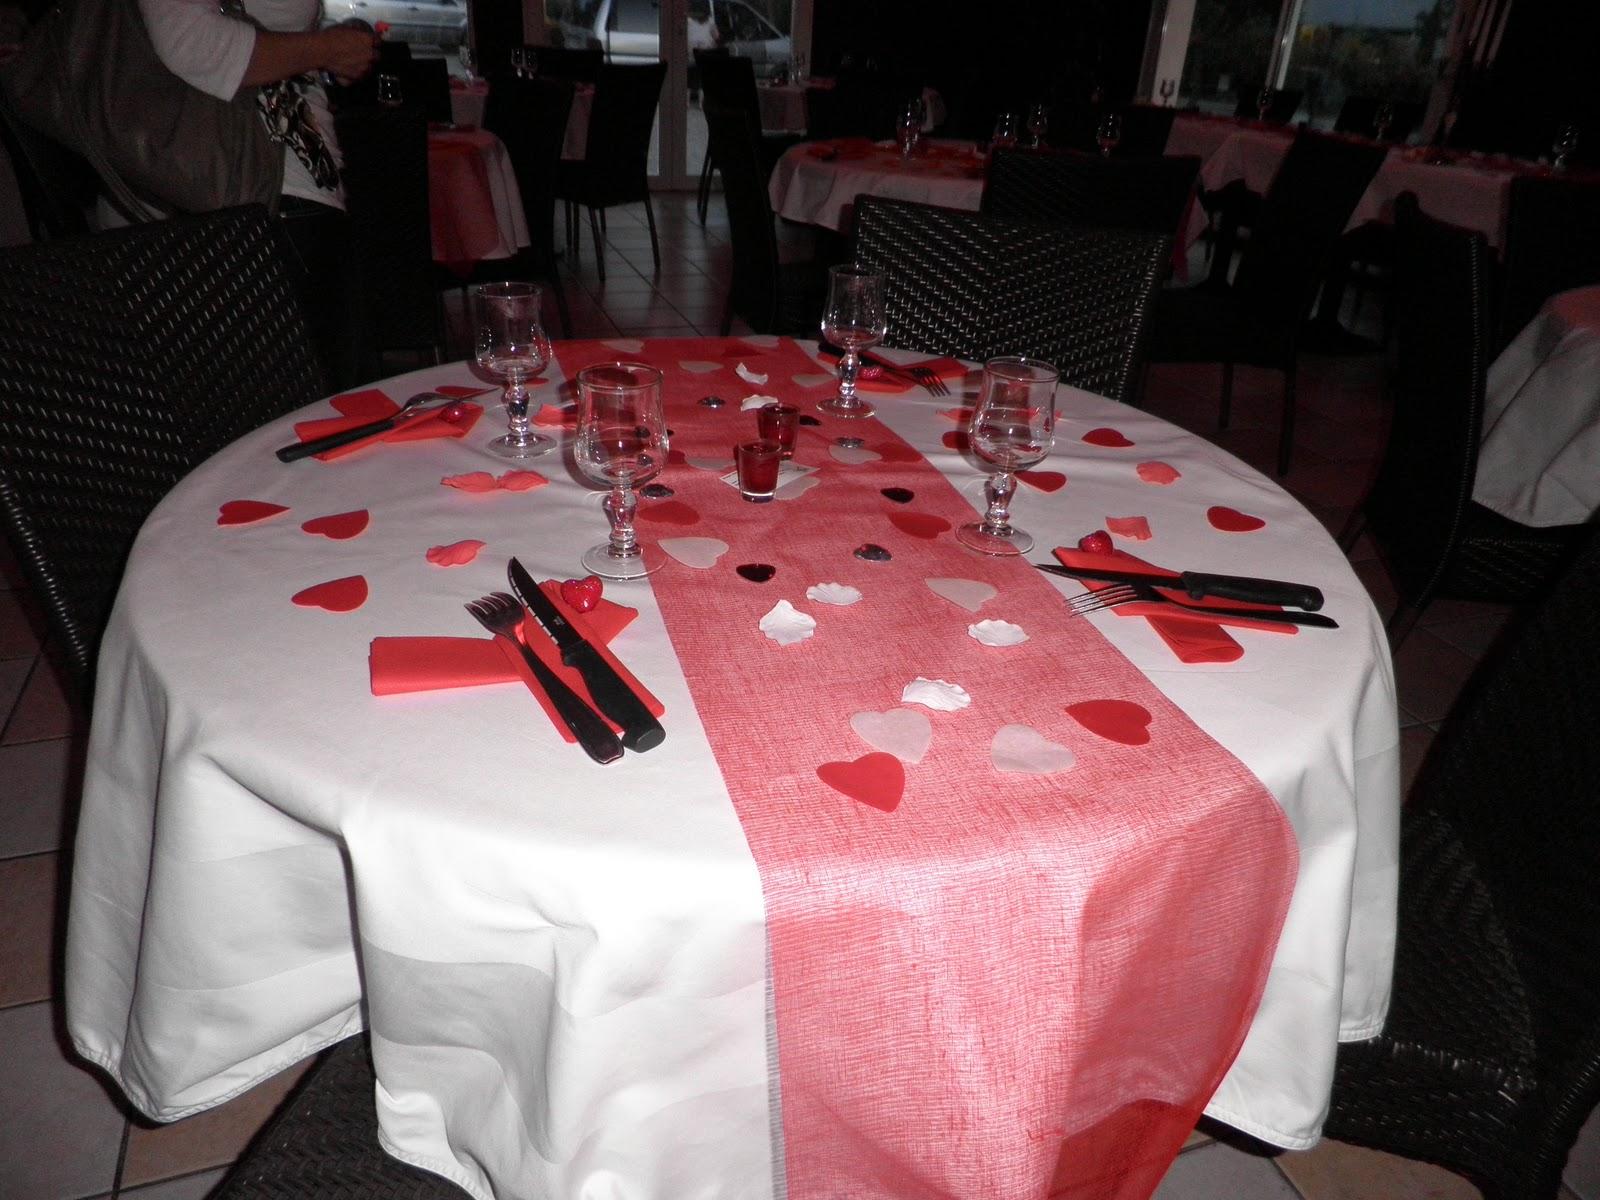 Piques et points d coration d 39 une salle de mariage rouge - Decoration salle mariage rouge et blanc ...